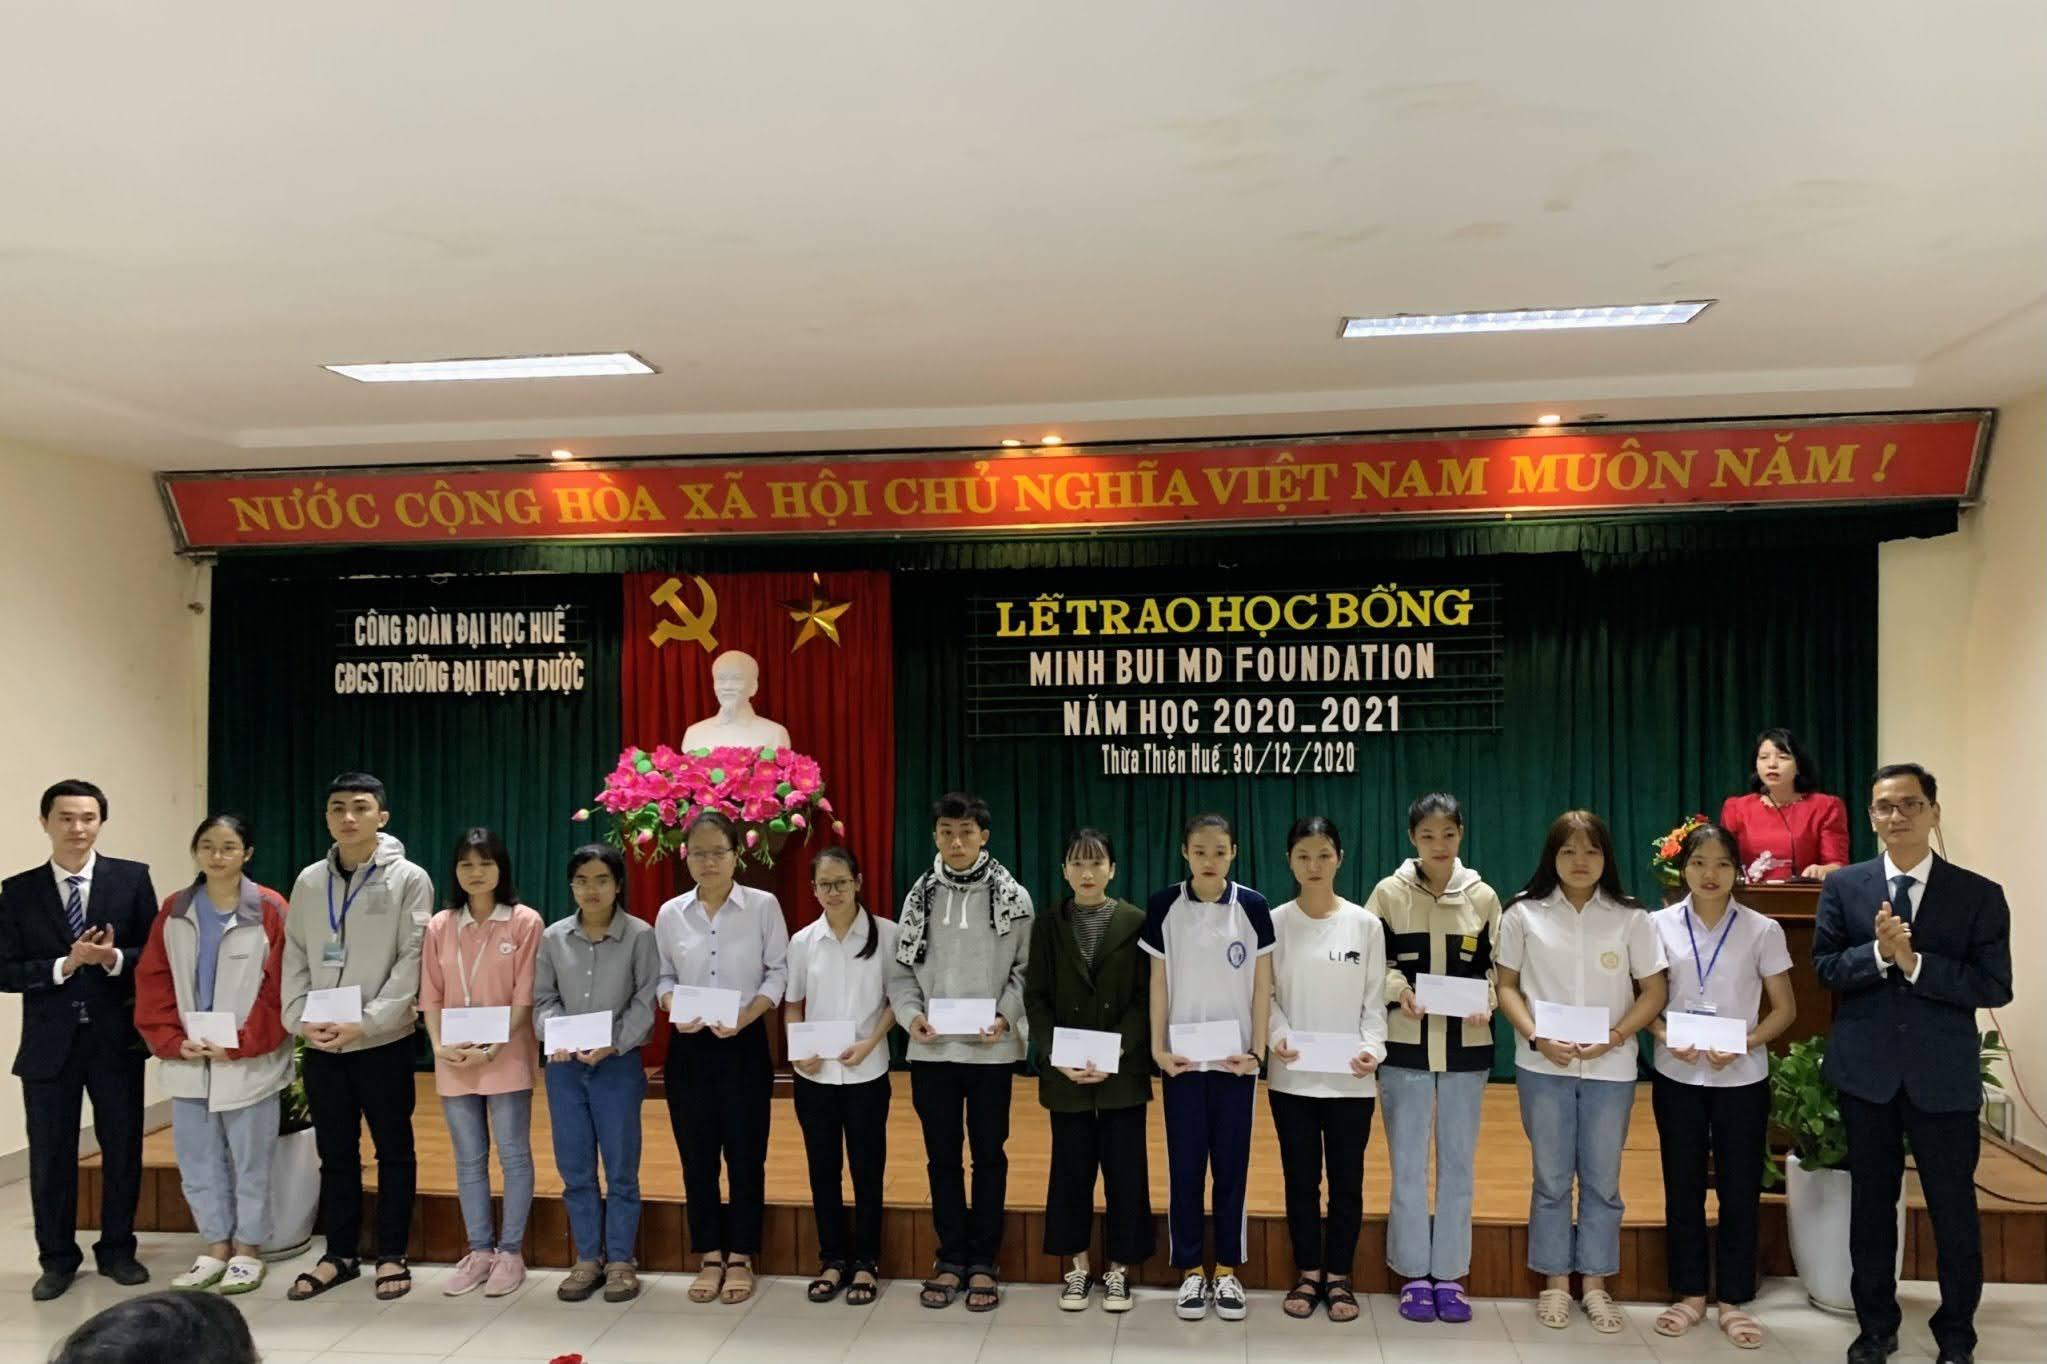 82 sinh viên được nhận học bổng Minh Bùi năm 2020